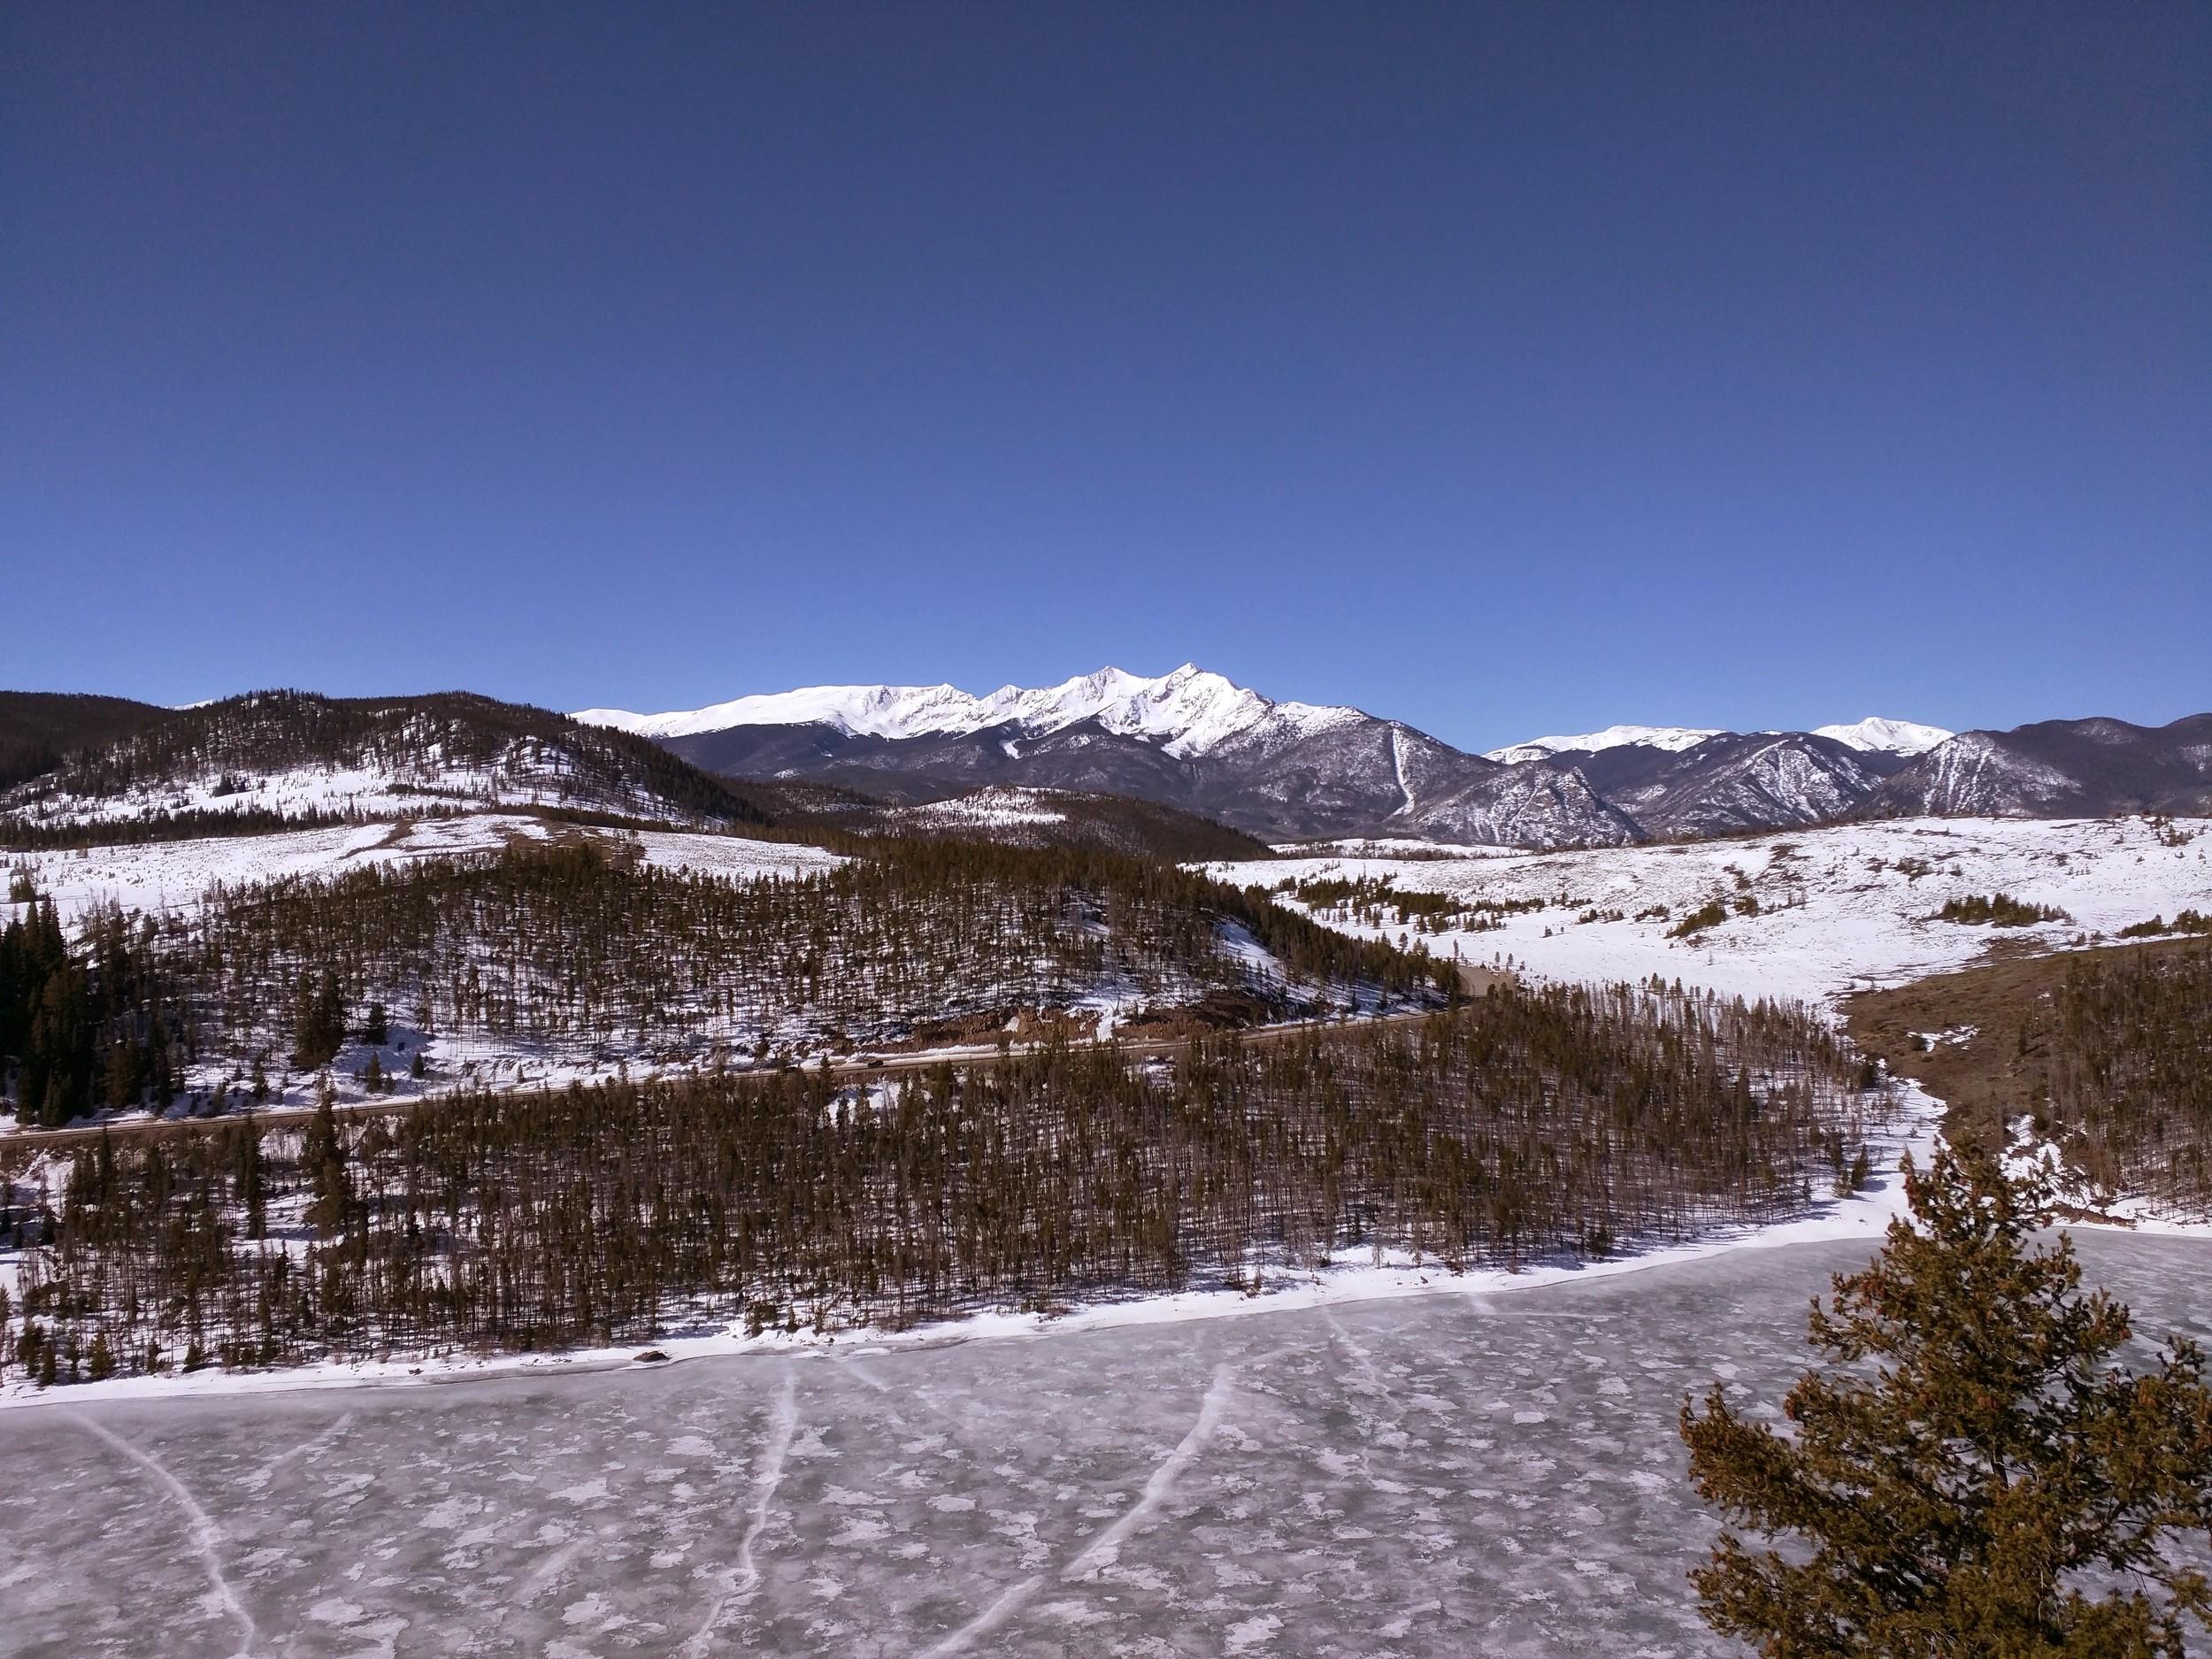 dillon_mountains.jpg